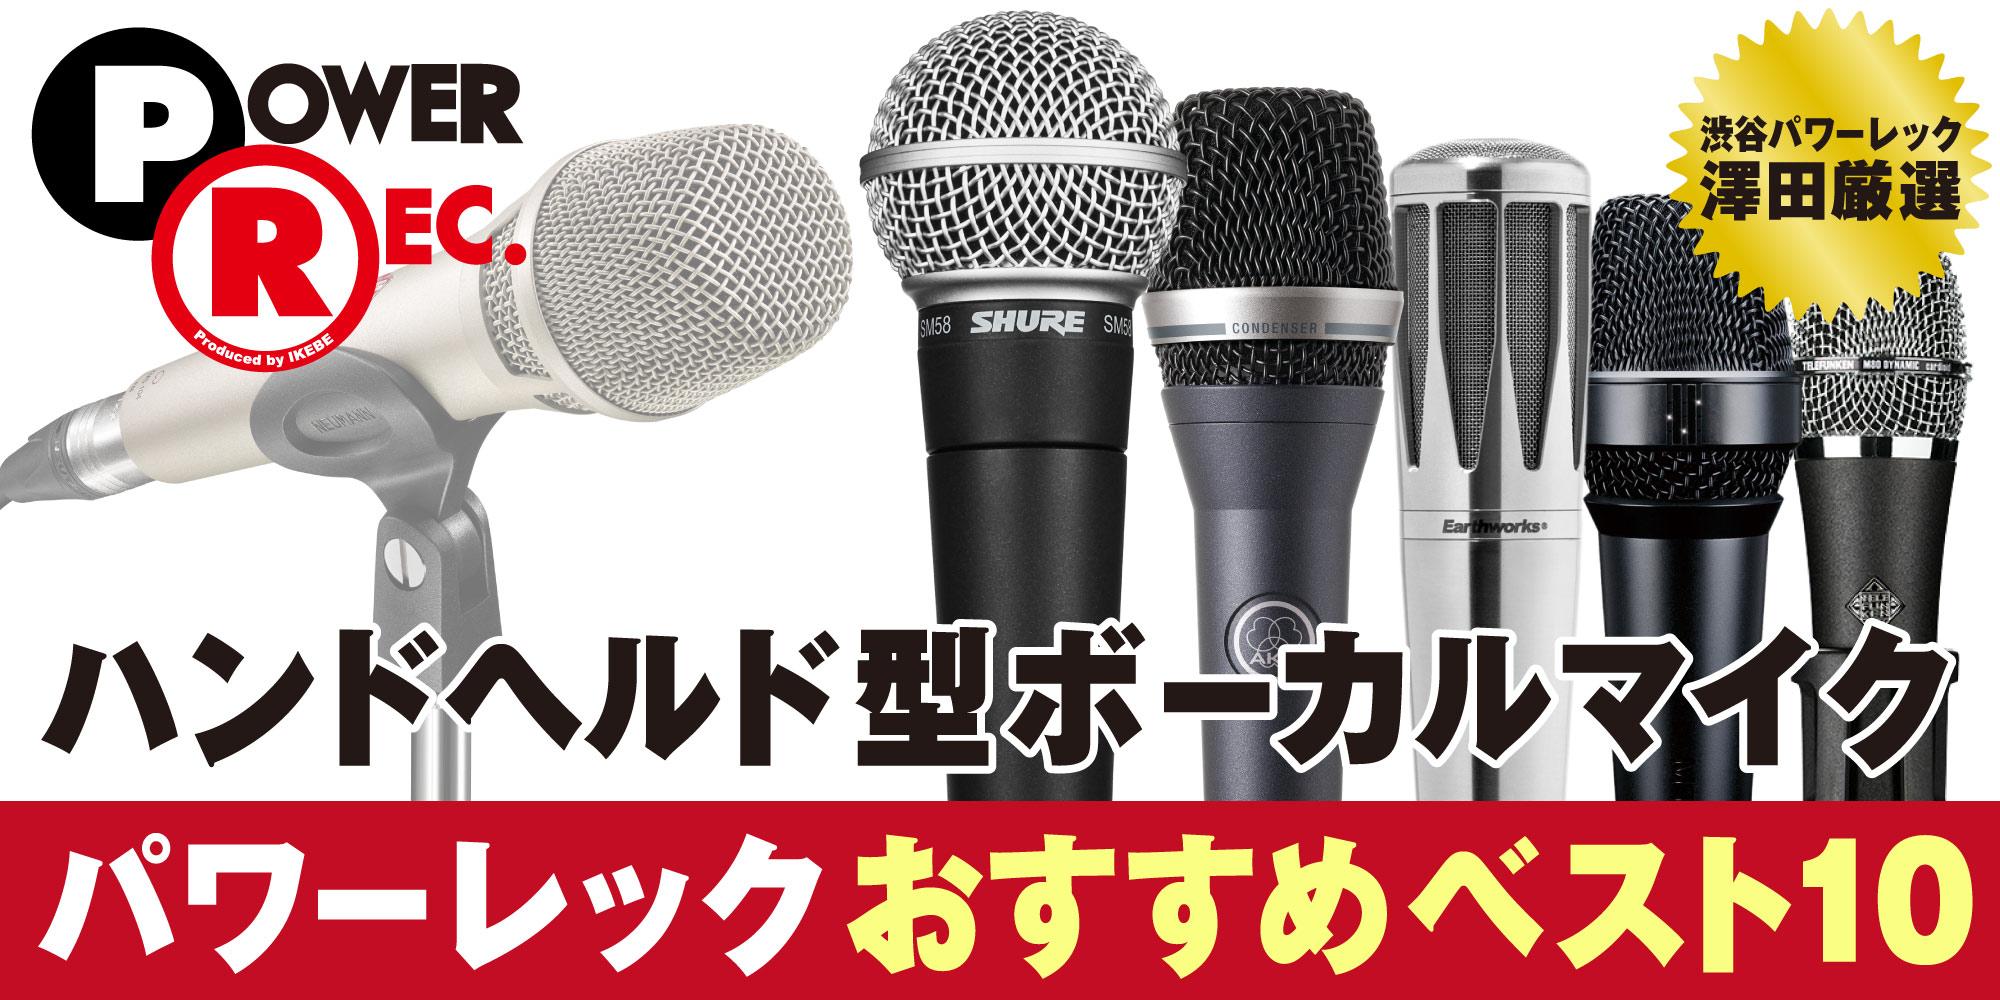 パワーレック「ハンドヘルド型ボーカルマイク おすすめ ベスト10」